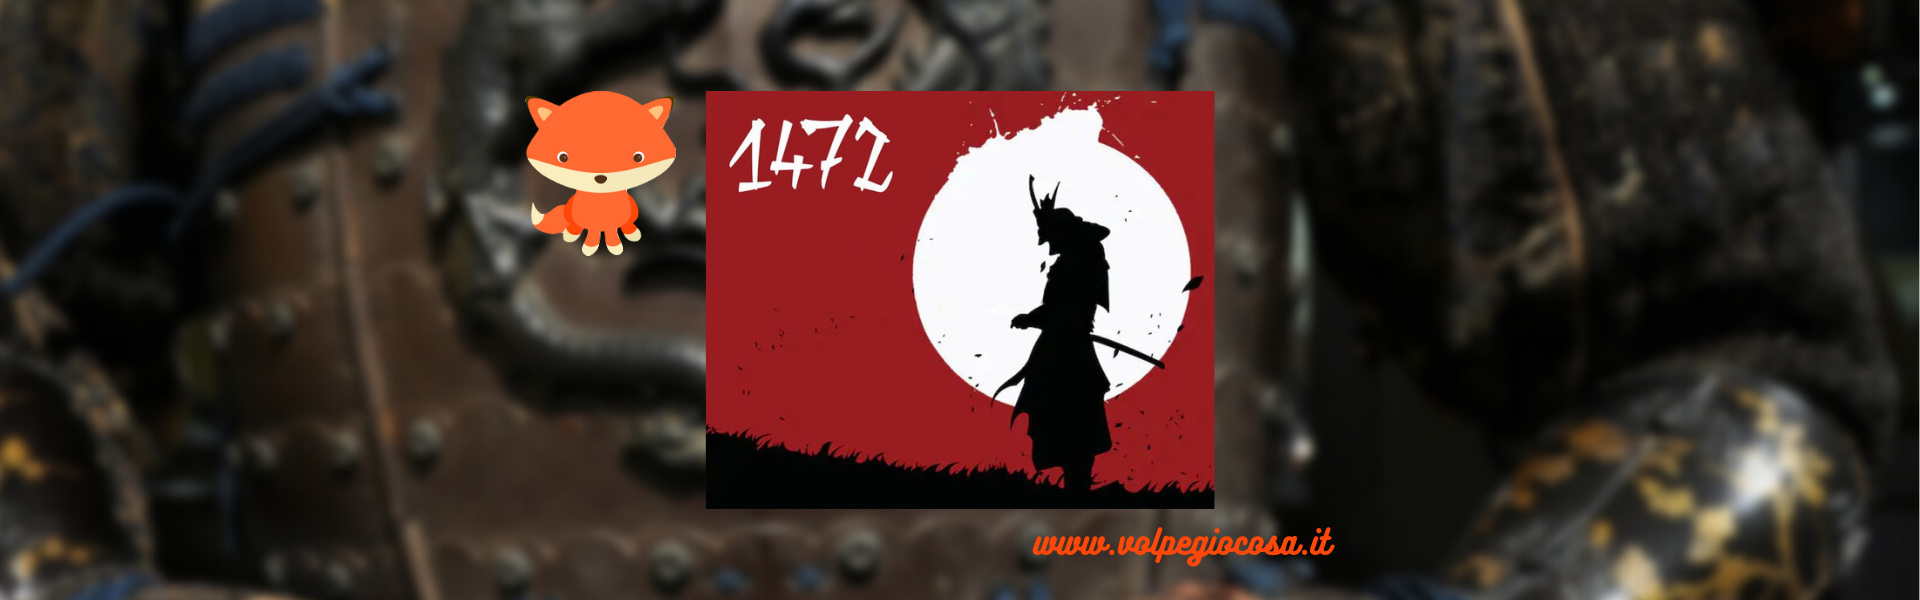 1472 – The Lost Samurai: in missione per conto dell'Imperatore